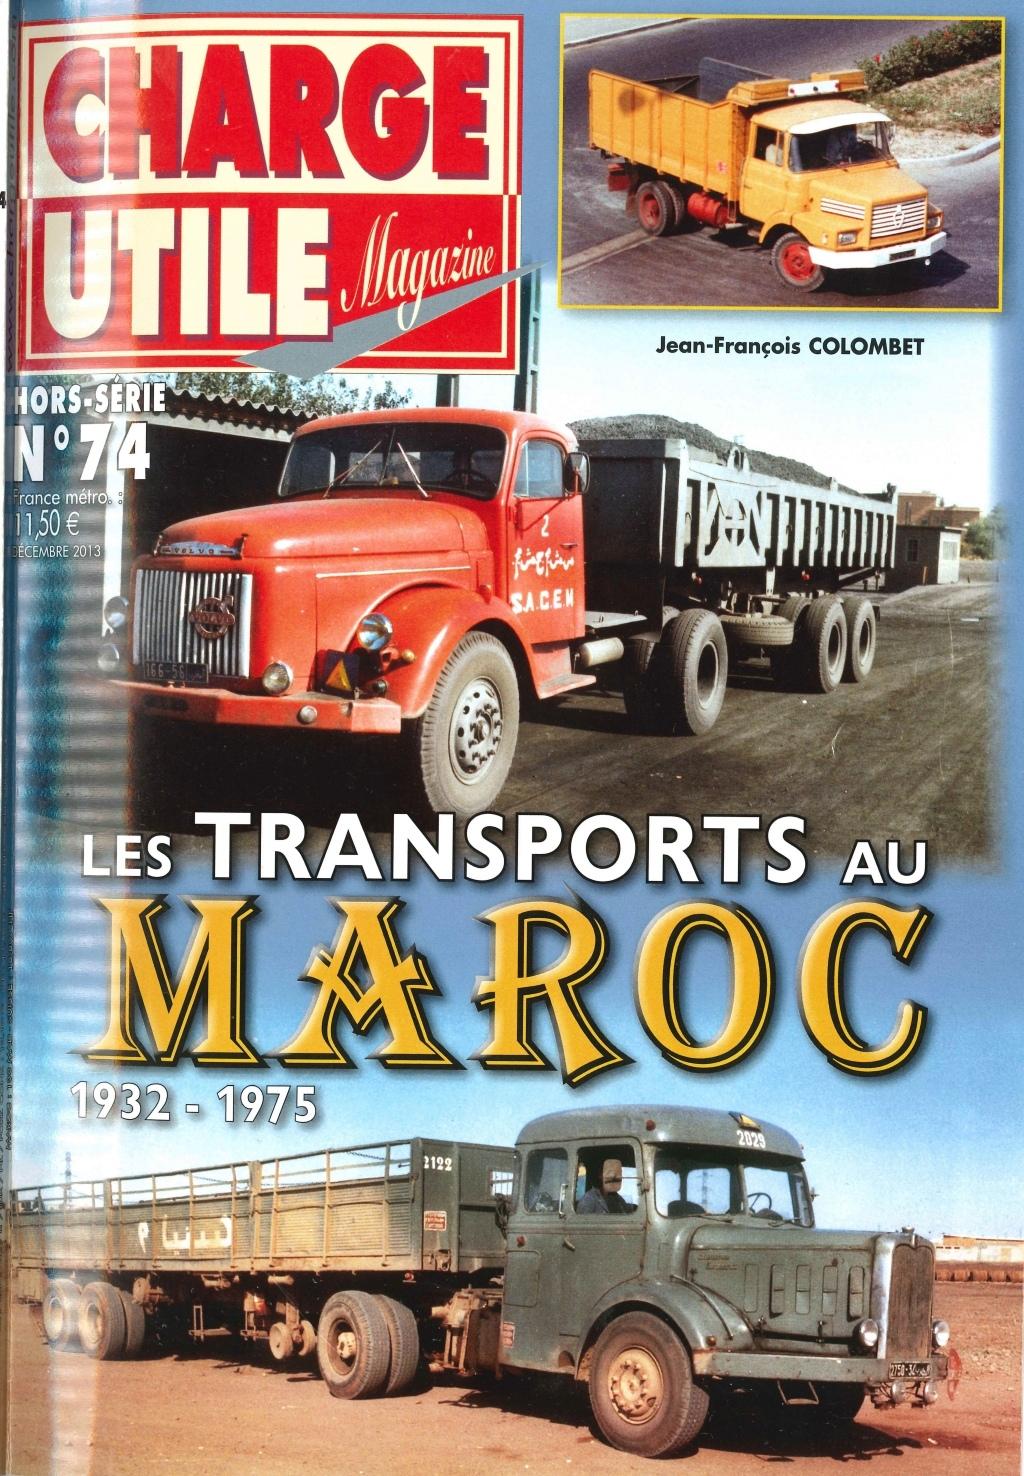 Transport Routier au Maroc - Histoire - Page 2 Clipb244